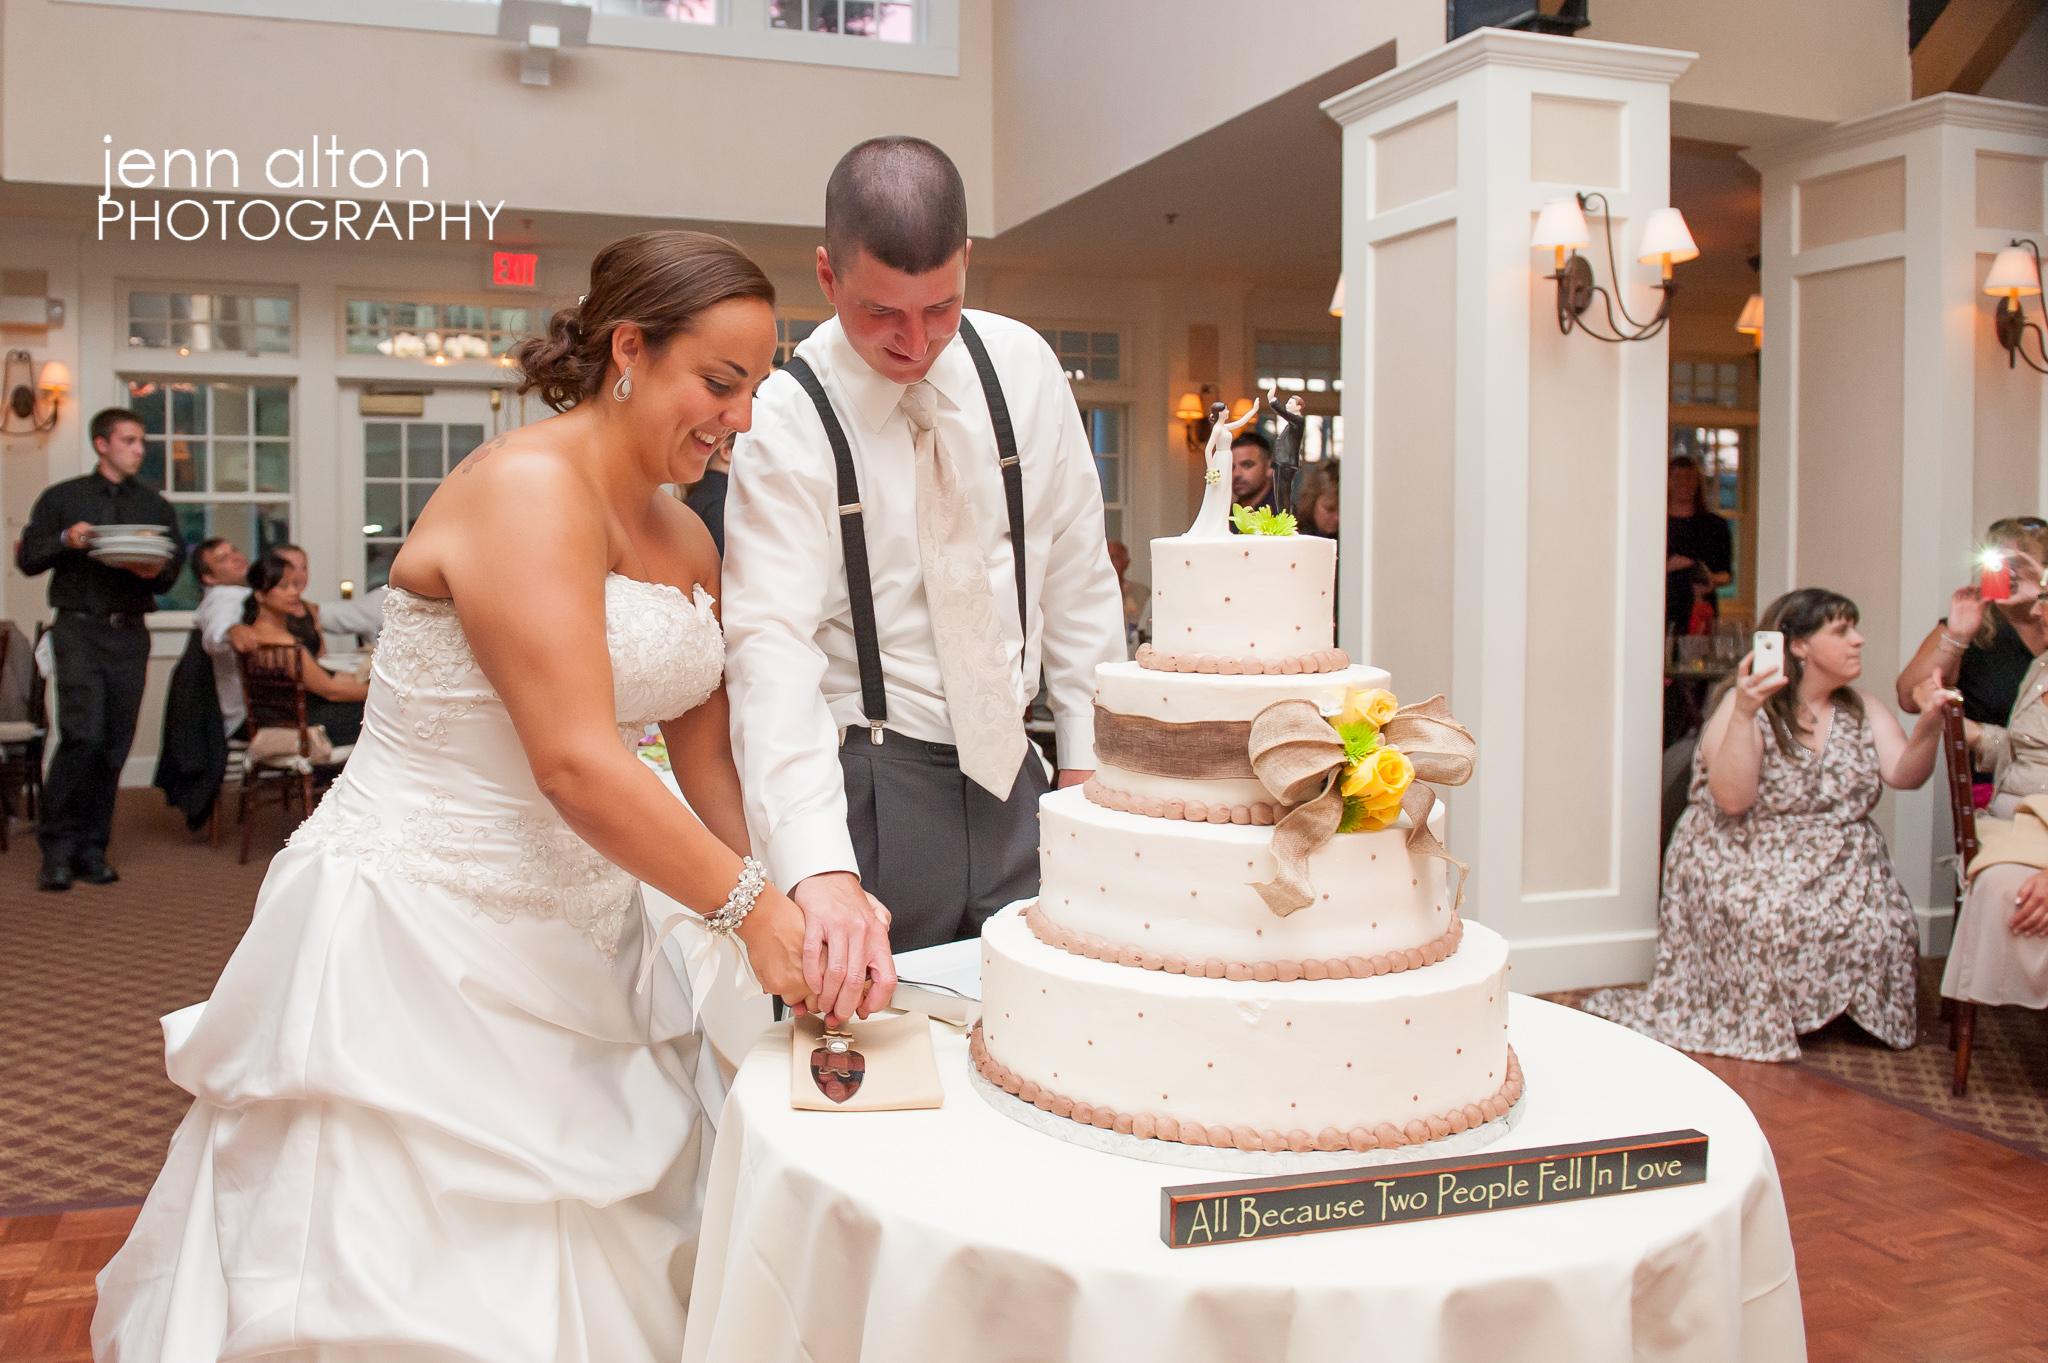 Bride and groom cake cutting, Pinehills Golf Club Wedding Reception